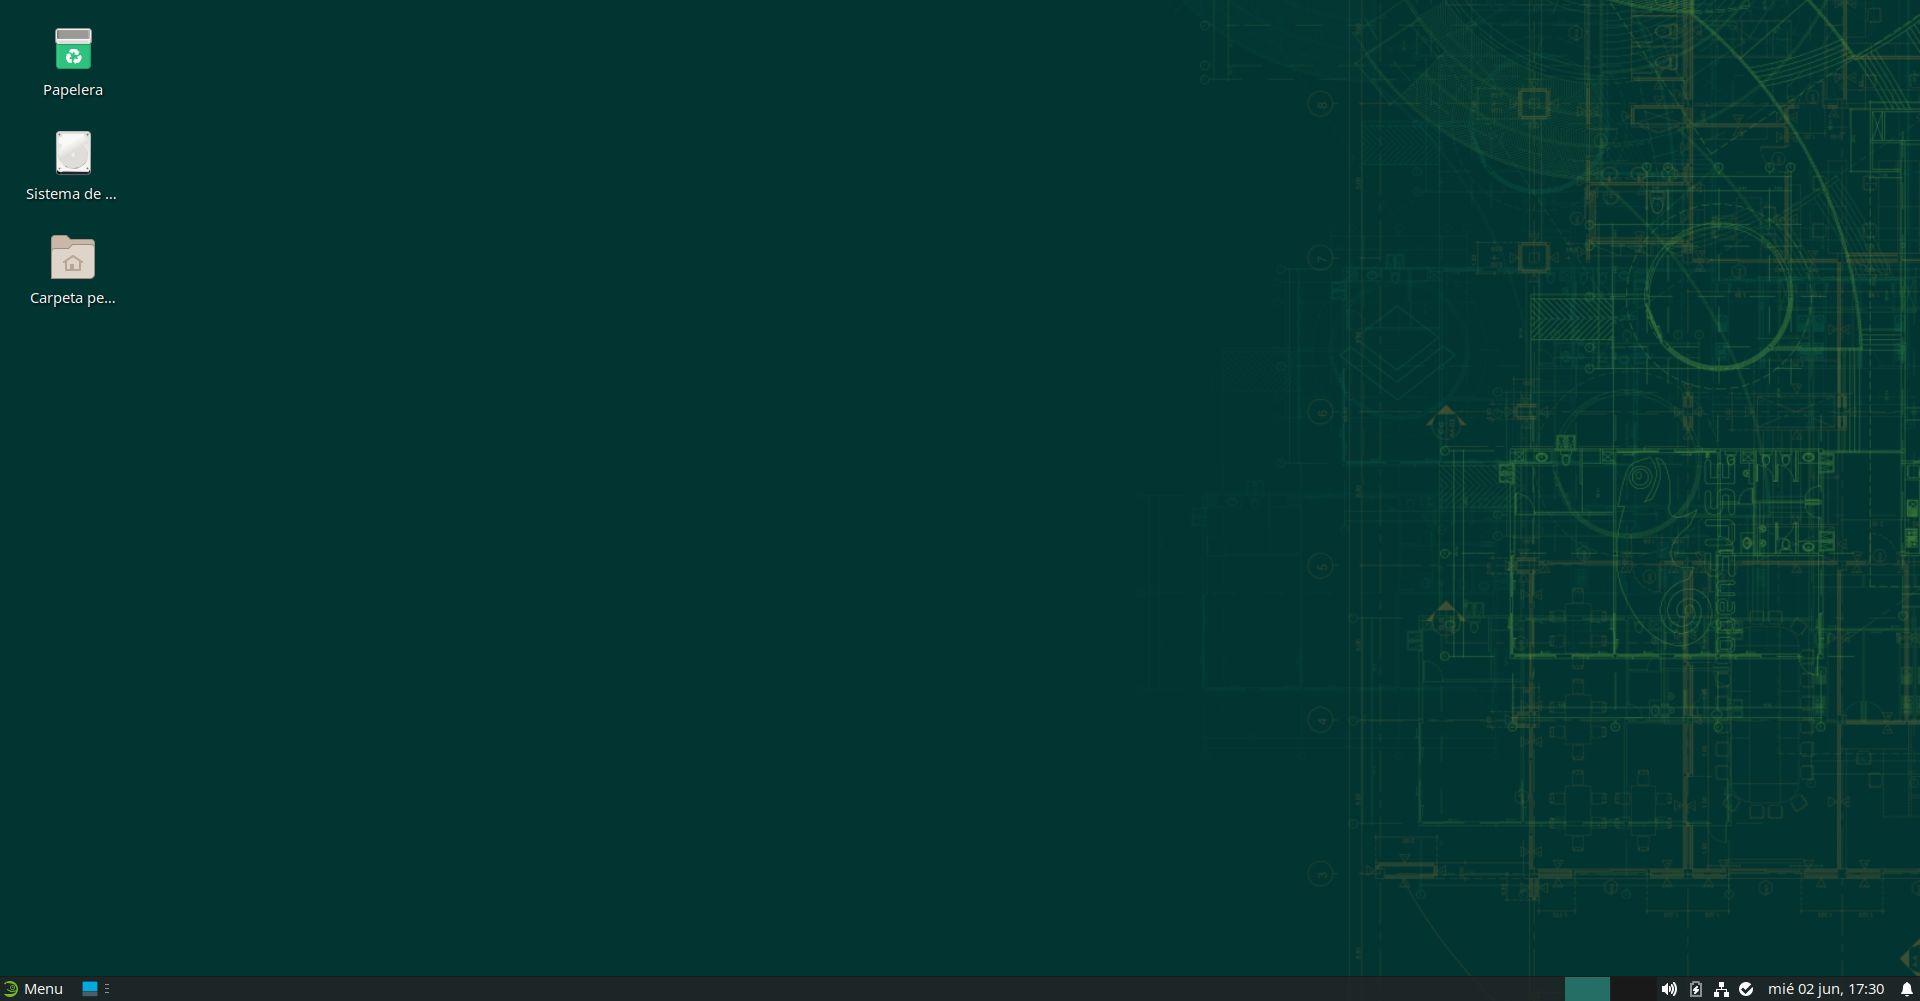 openSUSE Leap 15.3 con Xfce 4.16